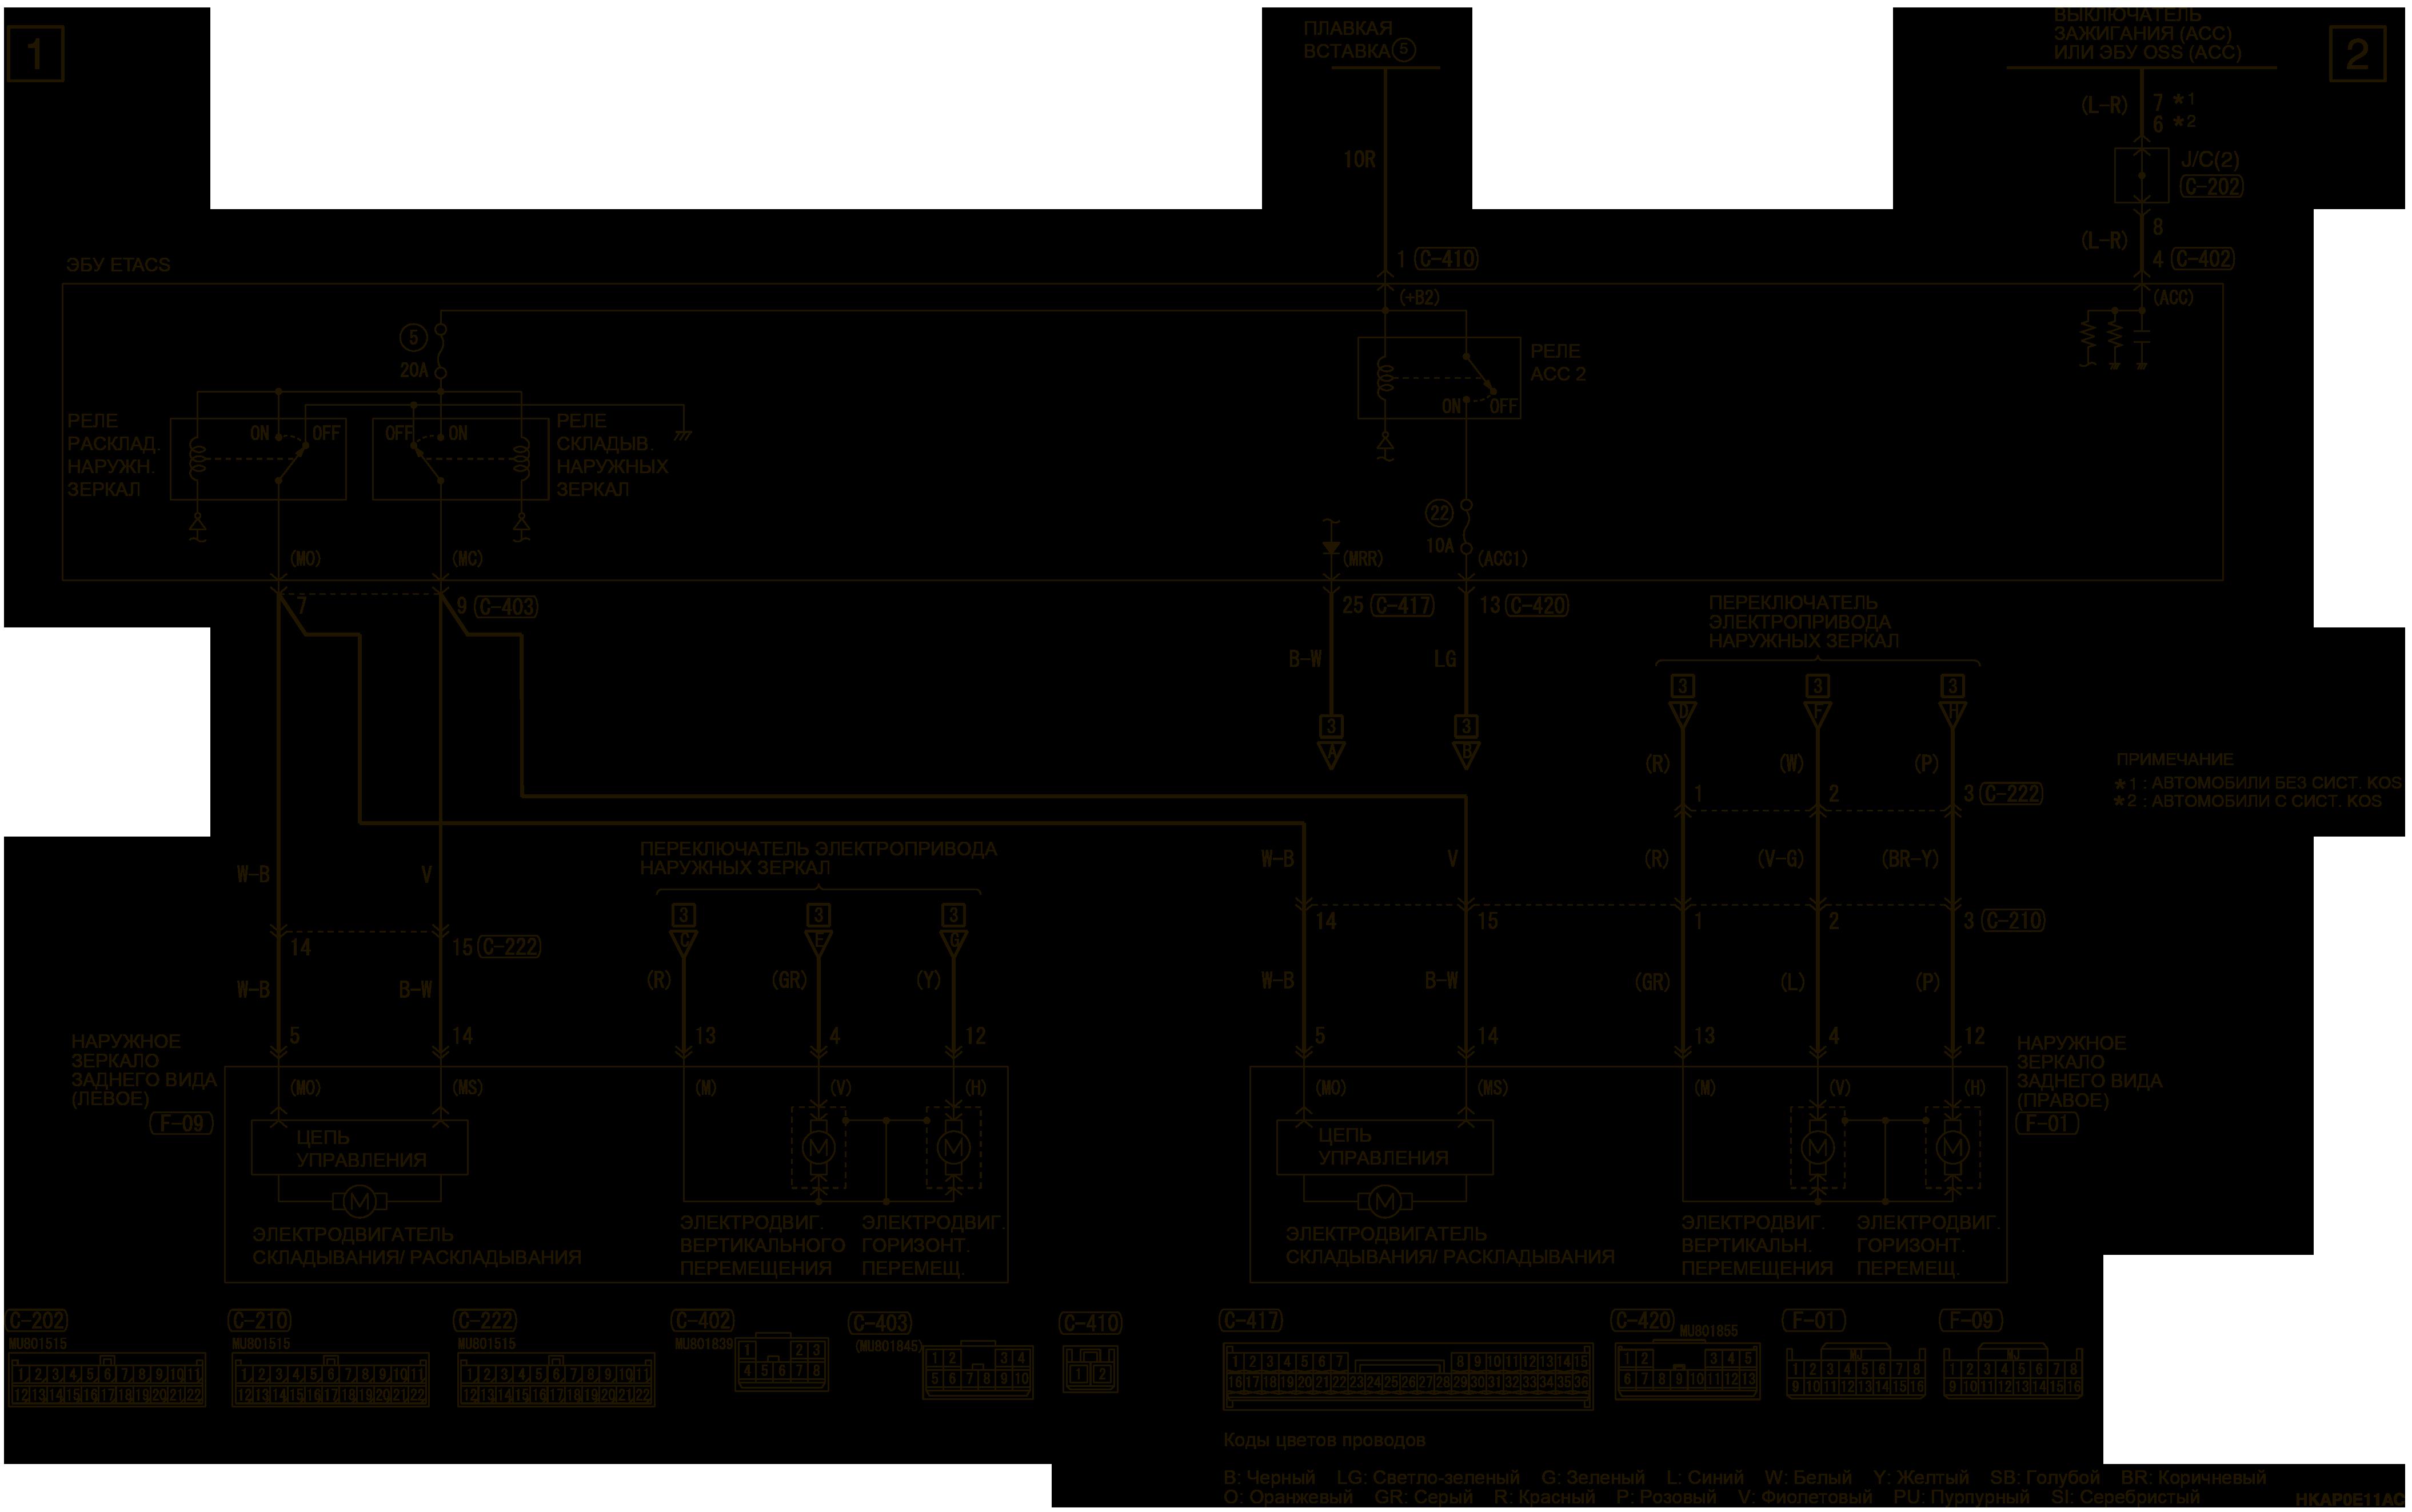 mmc аутлендер 3 2019 электросхемаЭЛЕКТРОПРИВОД СКЛАДЫВАНИЯ НАРУЖНЫХ ЗЕРКАЛ ЗАДНЕГО ВИДА (СКЛАДЫВАНИЕ) ЛЕВАЯ СТОРОНА